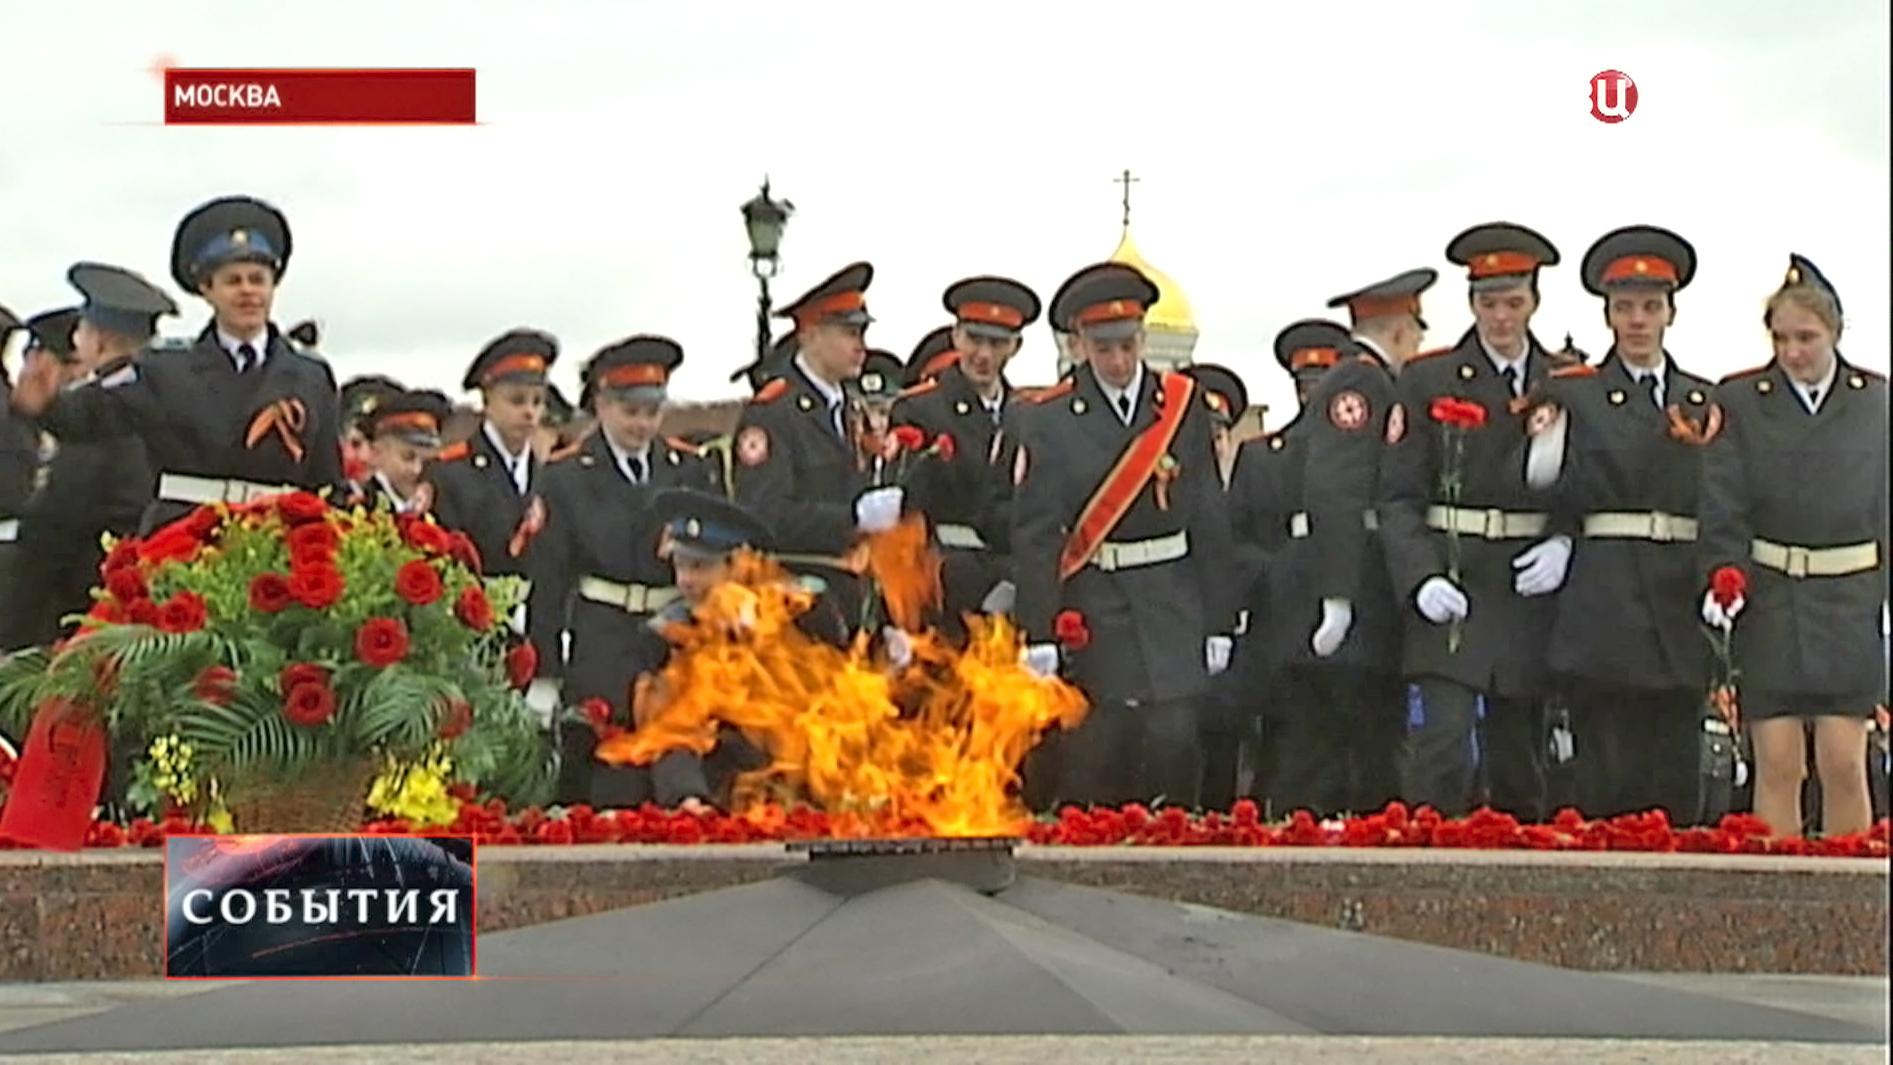 Парад в день памяти Георгия Победоносца